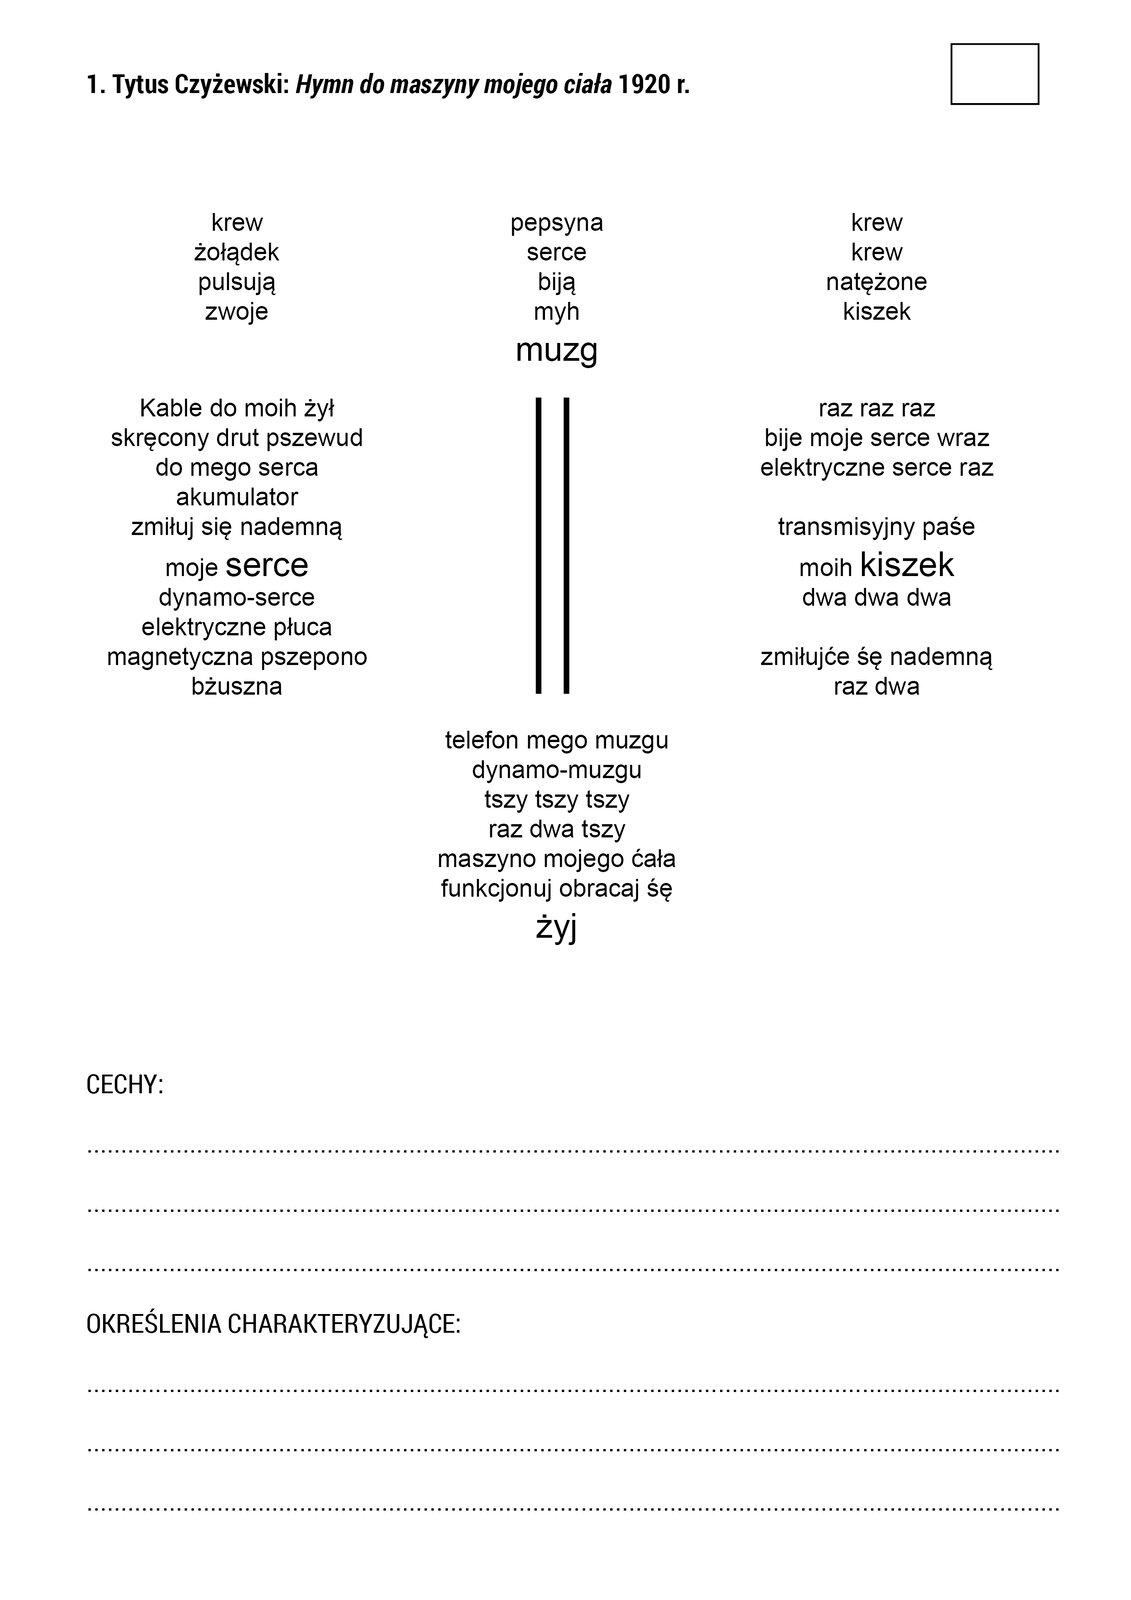 """Materiał przedstawia tekst awangardowego wiersza Tytusa Czyżewskiego """"Hymn do maszyny mojego ciała"""". Na górze materiału znajduje się napis: """"1. Tytus Czyżewski: »Hymn do maszyny mojego ciała« 1920 r."""", apod nim schemat zbudowany ztekstu idwóch pionowych linii wcentrum. Wdolnej części materiału znajduje się miejsce na uzupełnienie pól: """"CECHY"""" i""""OKRESLENIA CHARAKTERYZUJĄCE""""."""